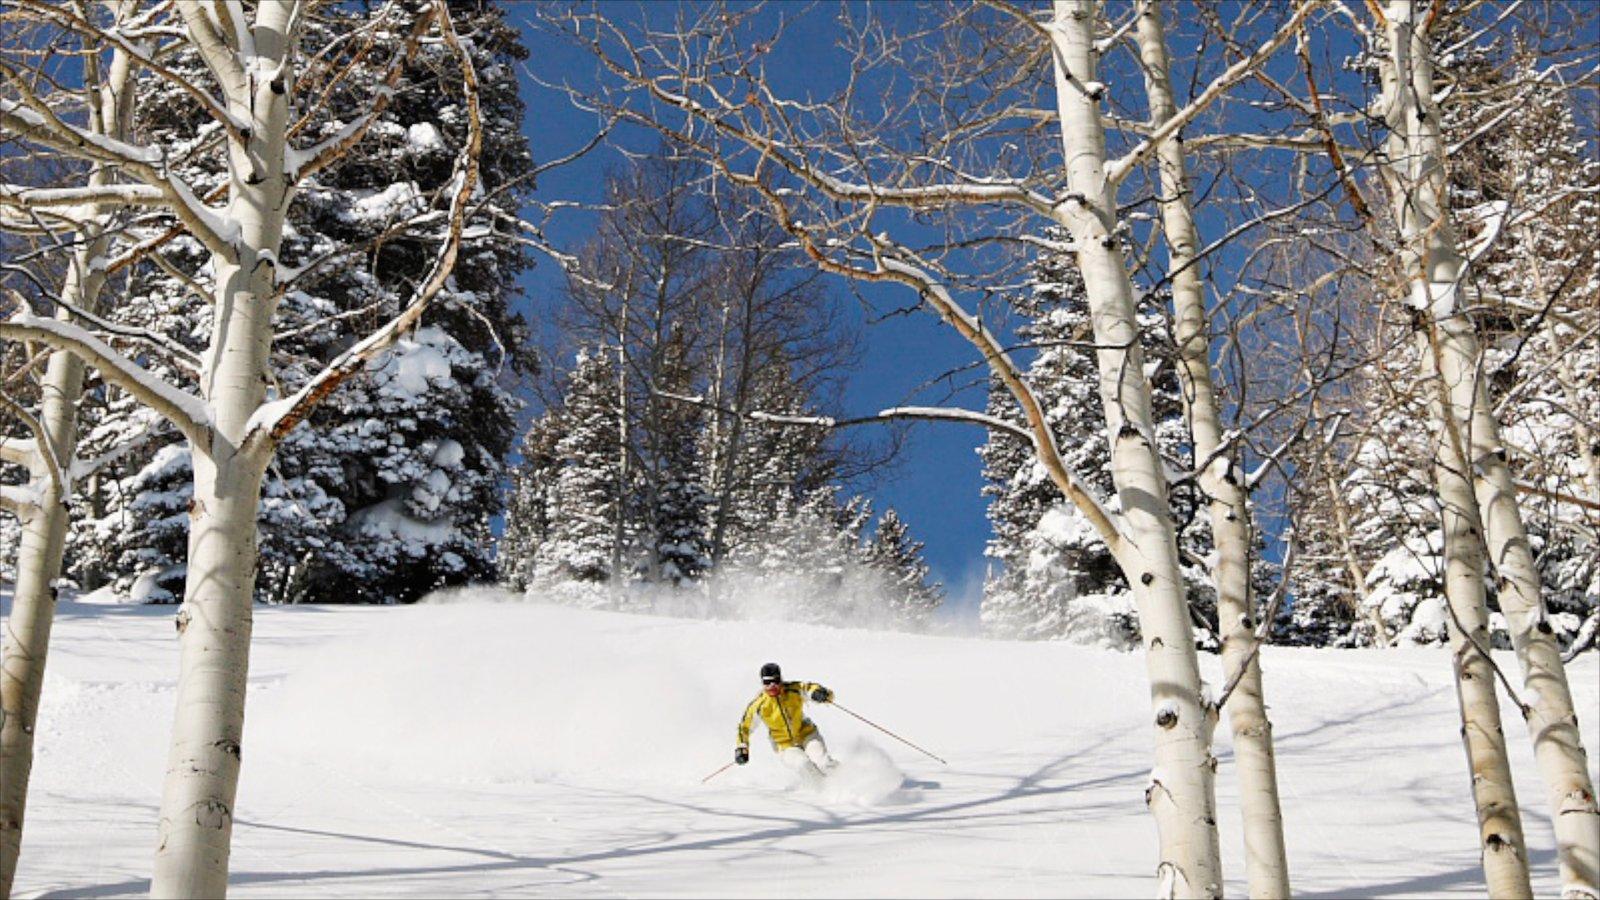 Park City Mountain Resort caracterizando neve, esqui na neve e montanhas